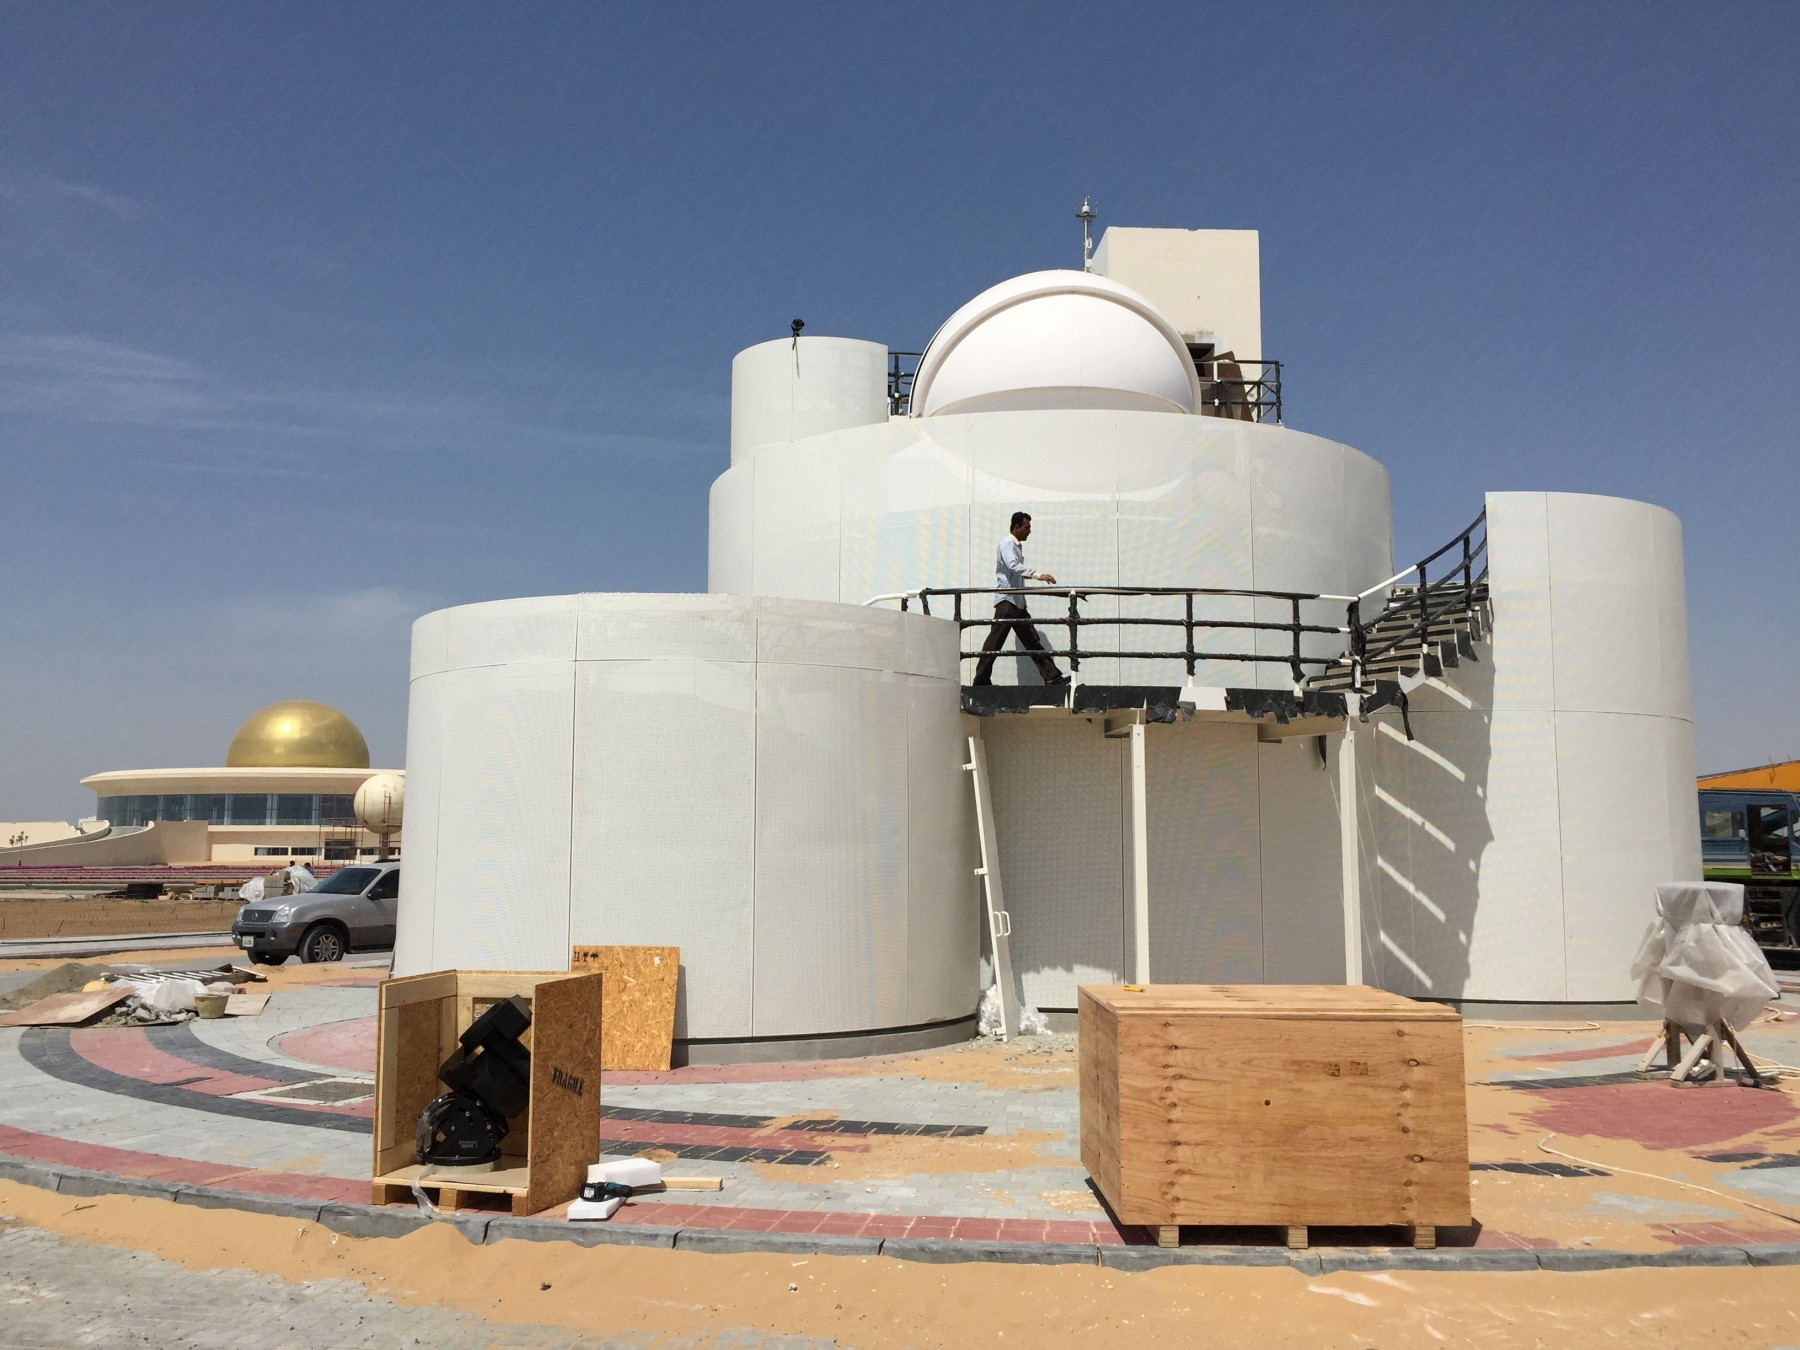 4.5m Schlüsselfertige Sternwarte (AllSky) in Sharjah, Vereinigte Arabische Emirate